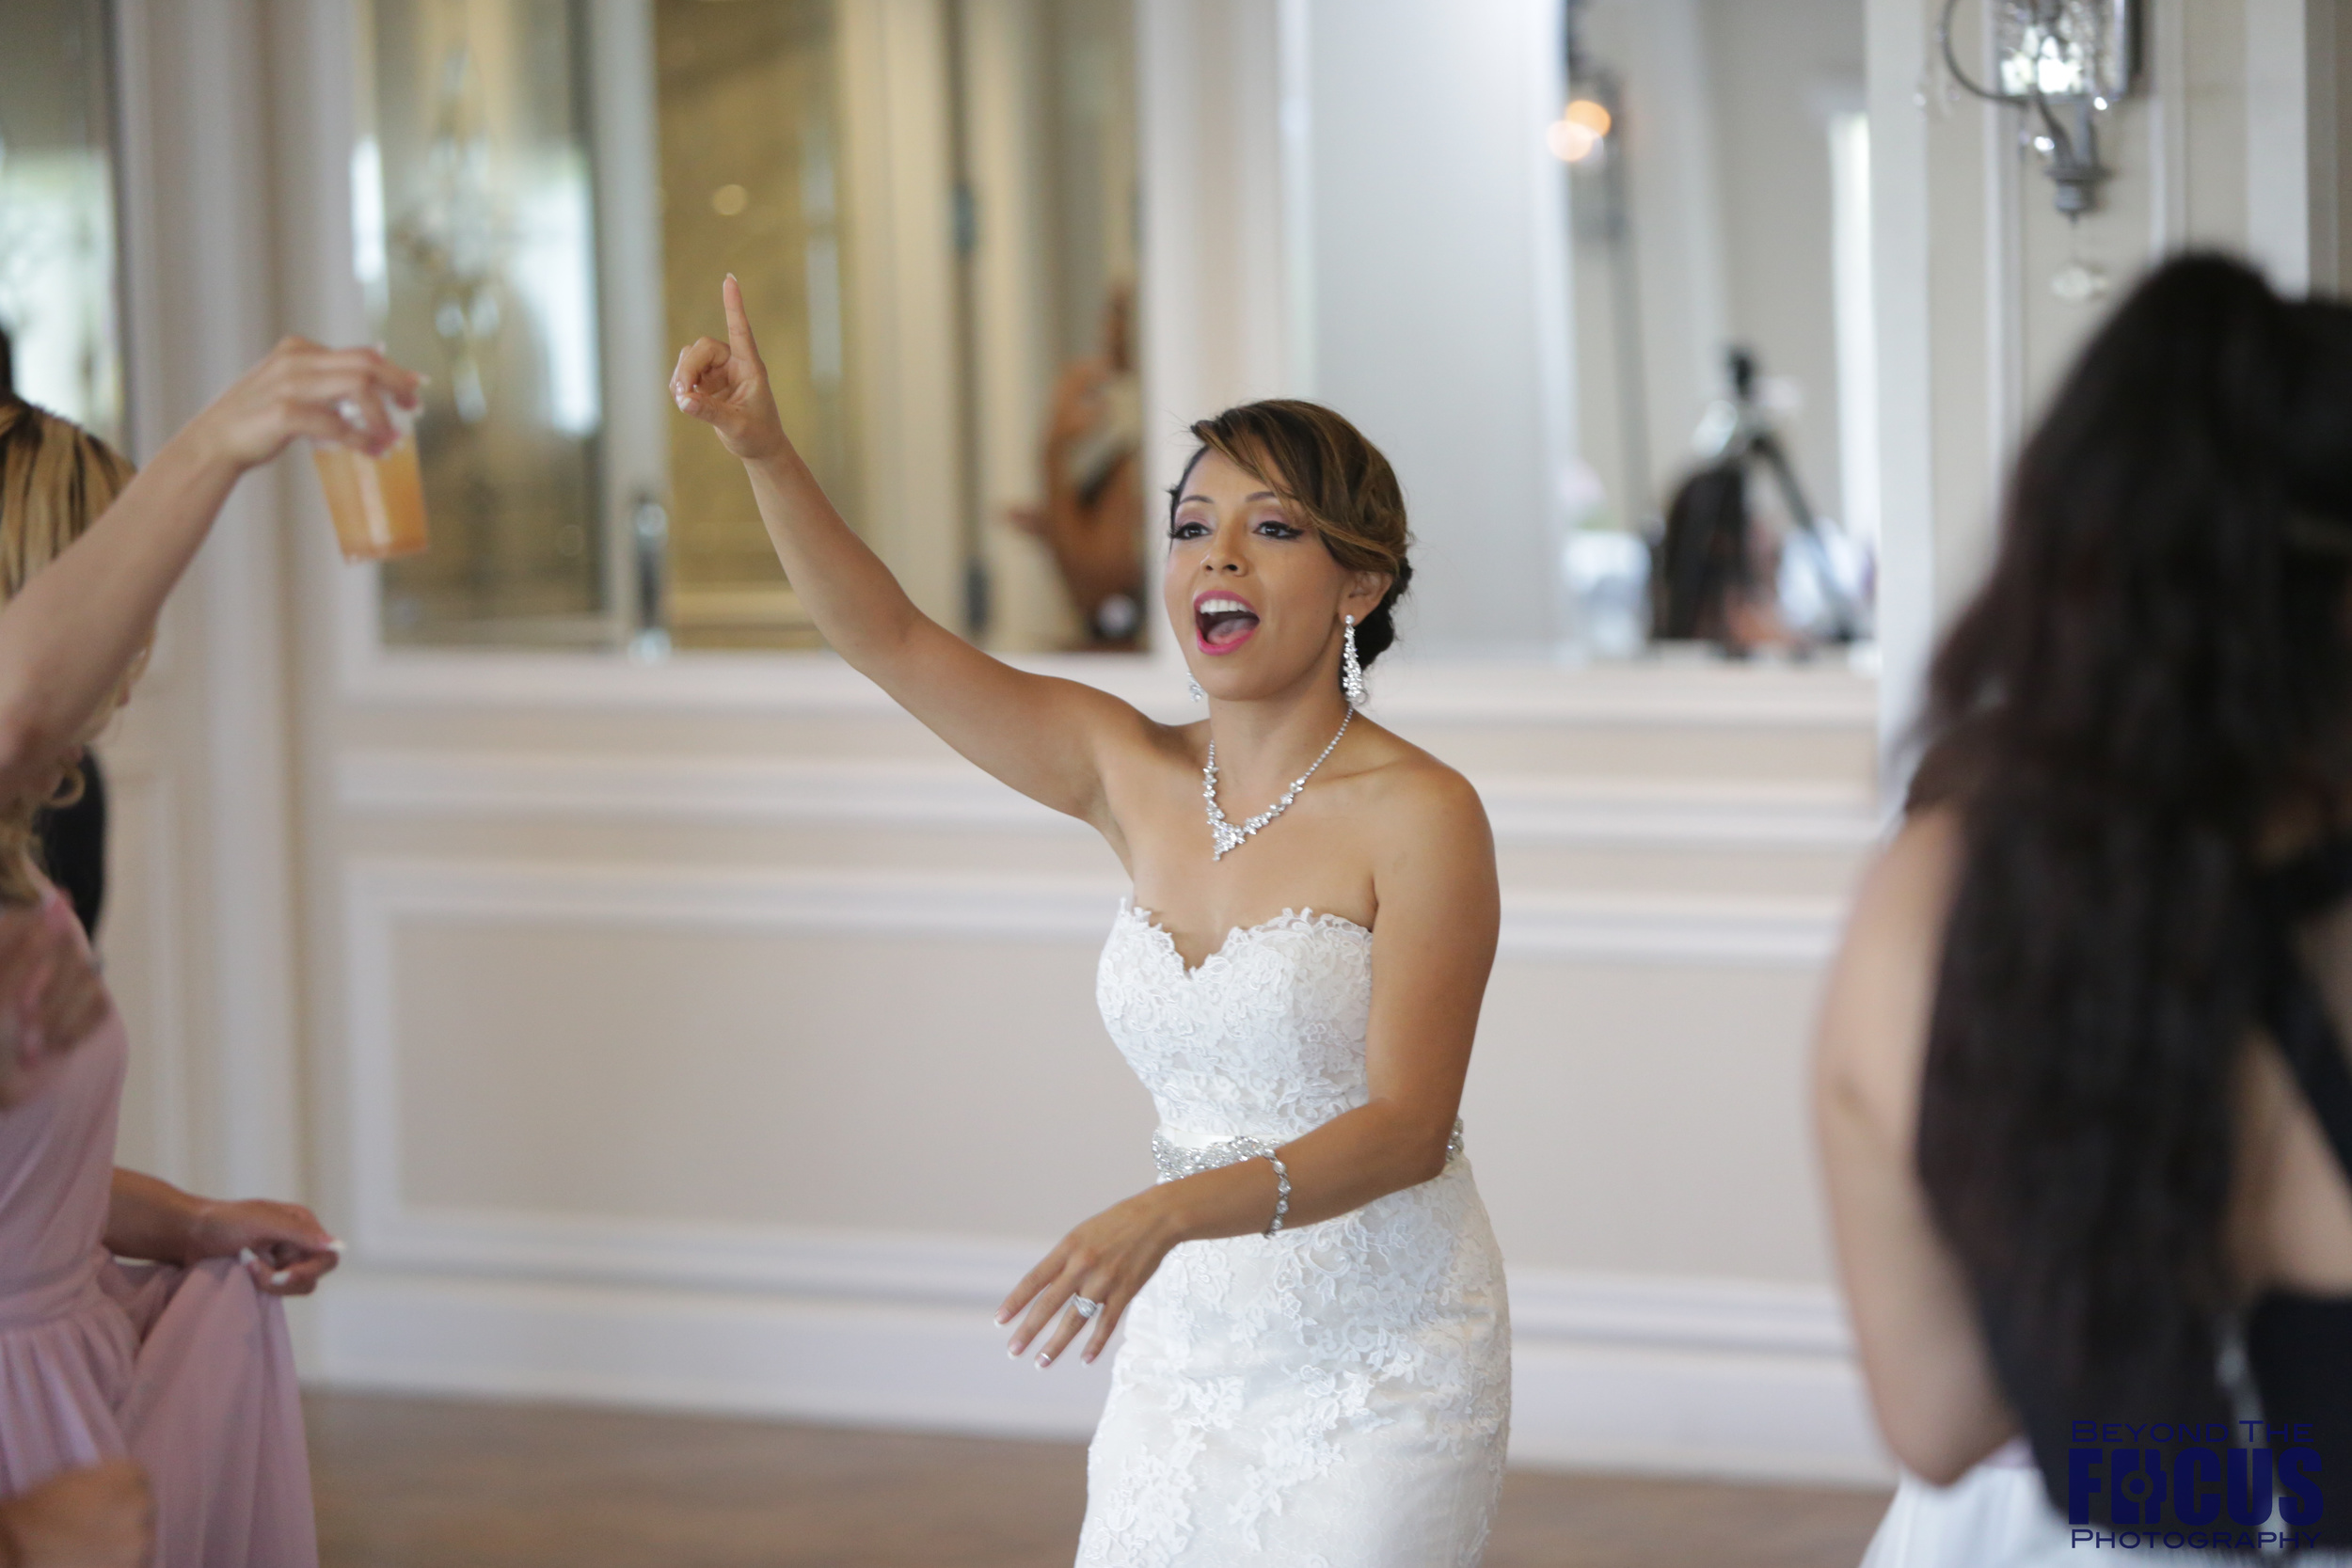 Palmer Wedding - Reception 225.jpg